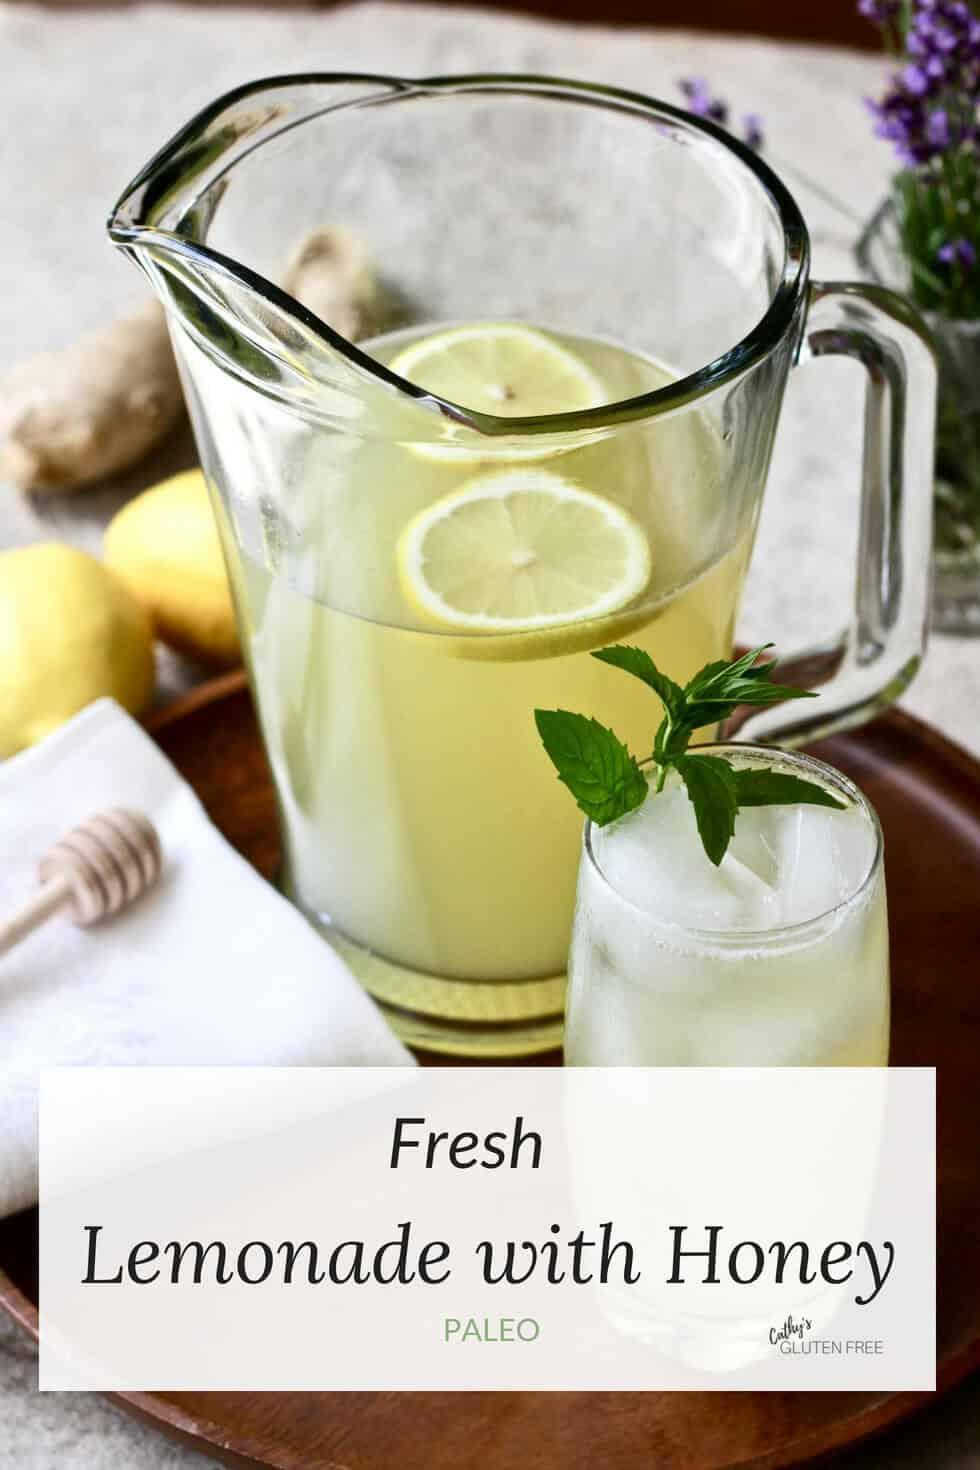 Genuine Fresh Lemonade Recipe With Honey Cathy S Gluten Free